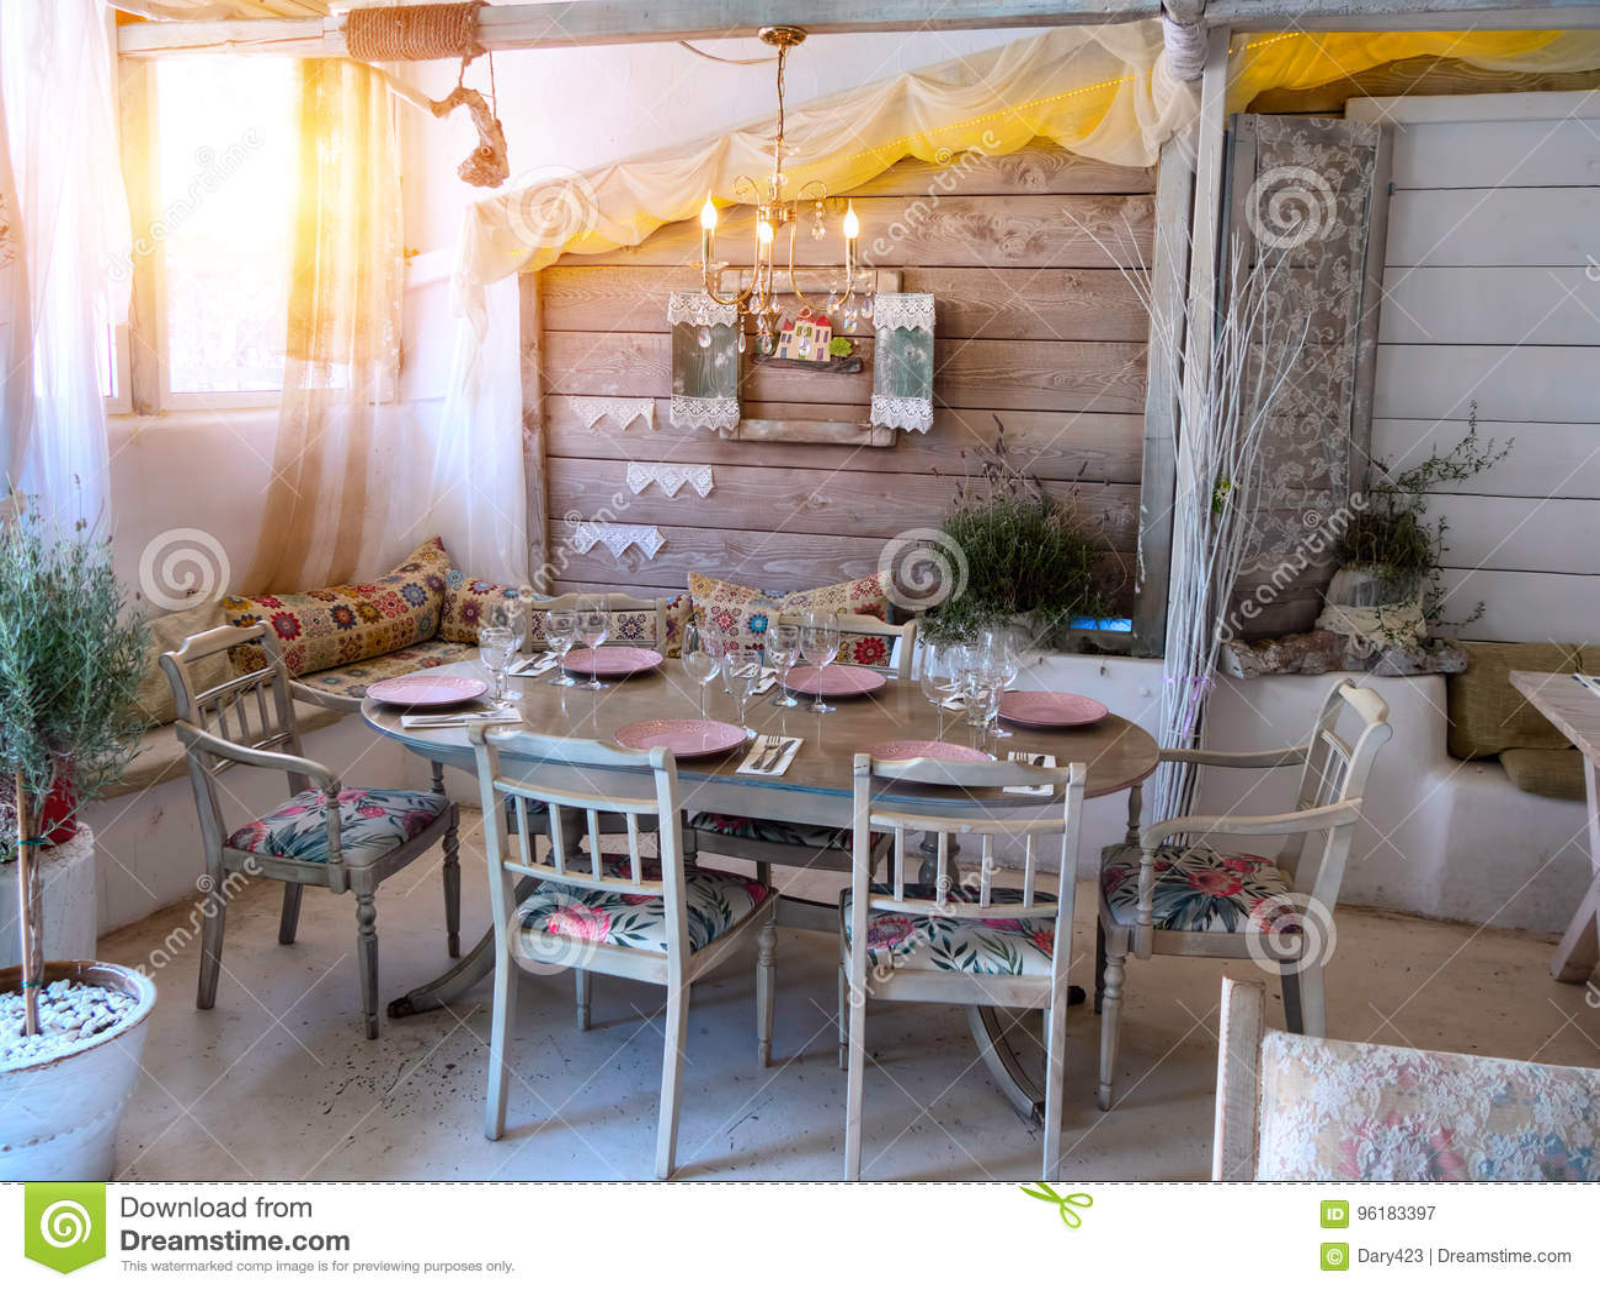 kleines esszimmer, ein kleines esszimmer in einem rustikalen haus, stockbild - bild von, Design ideen